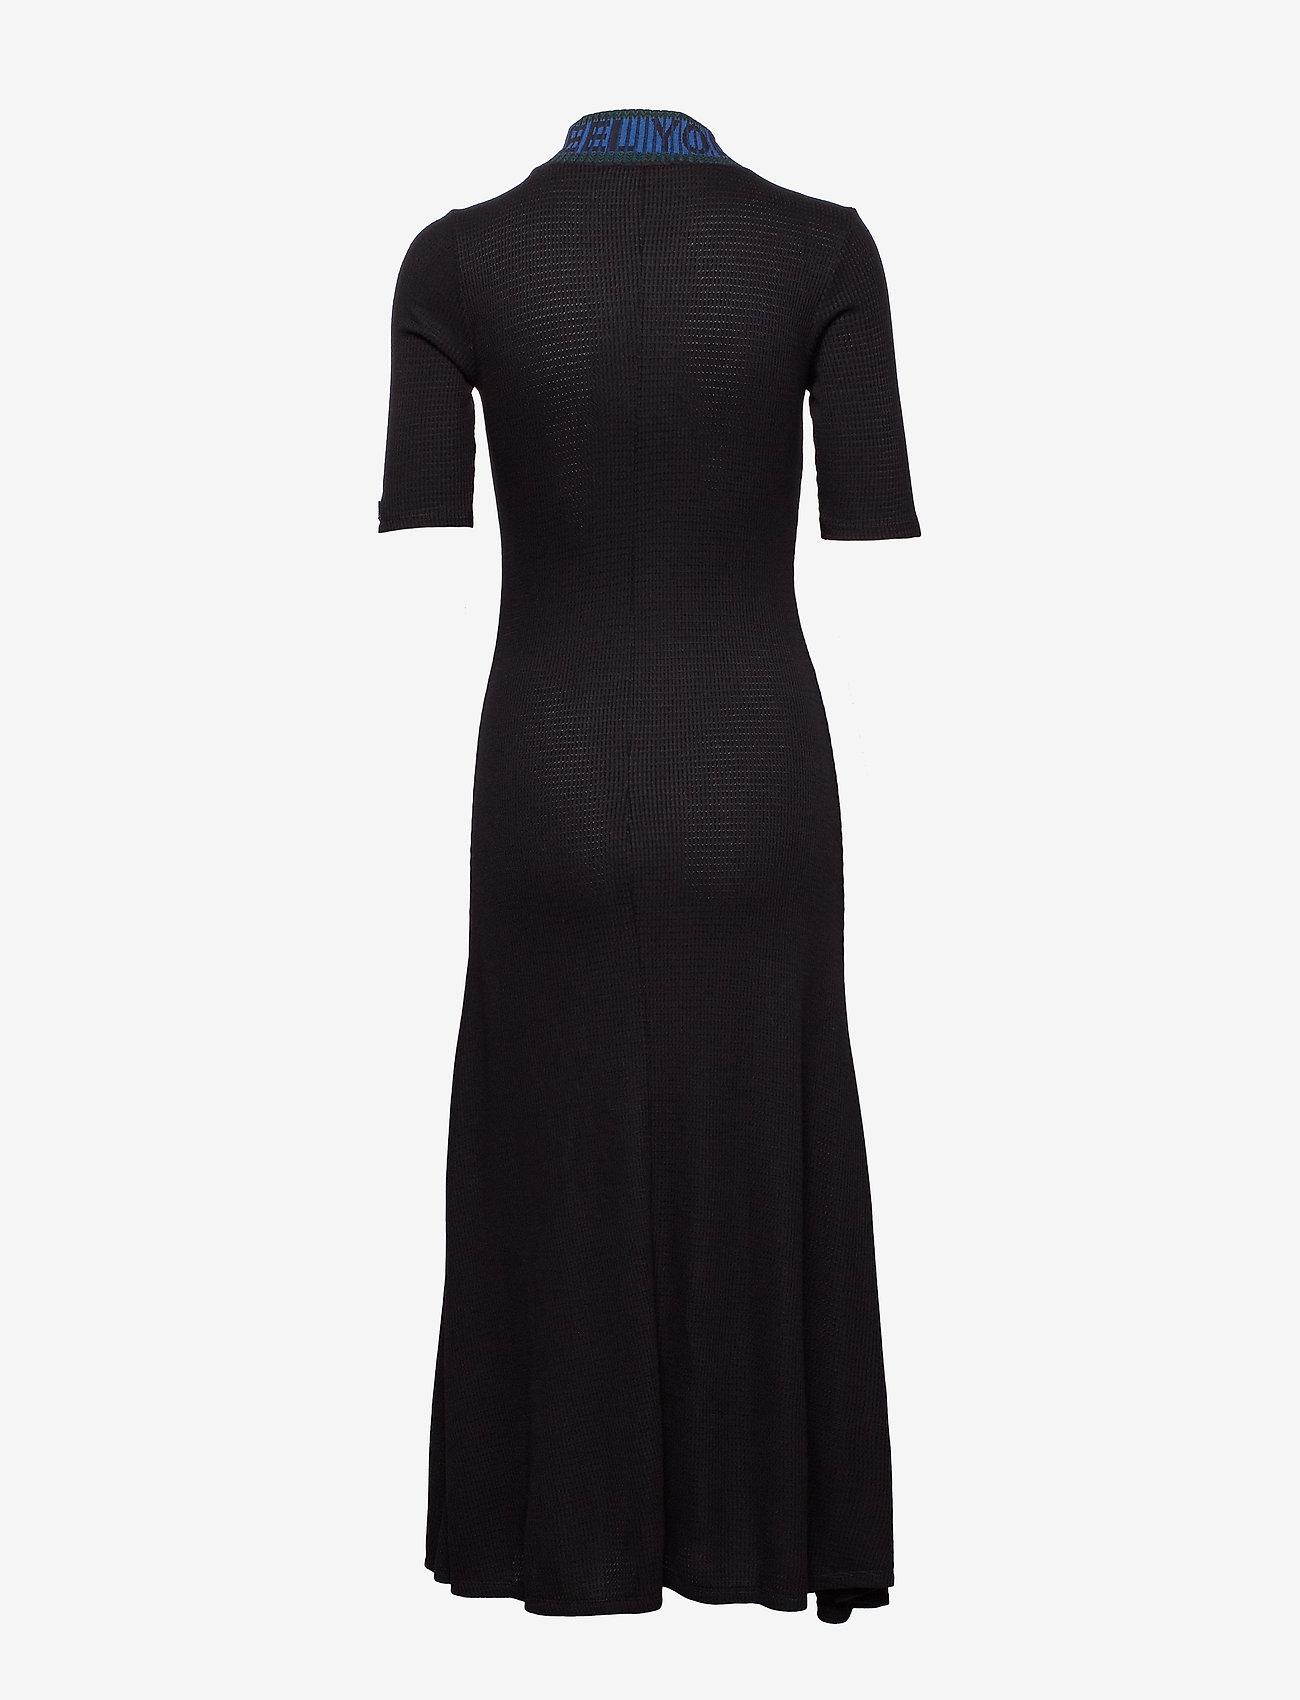 Desigual - VEST LAUREN - maxi jurken - negro - 1